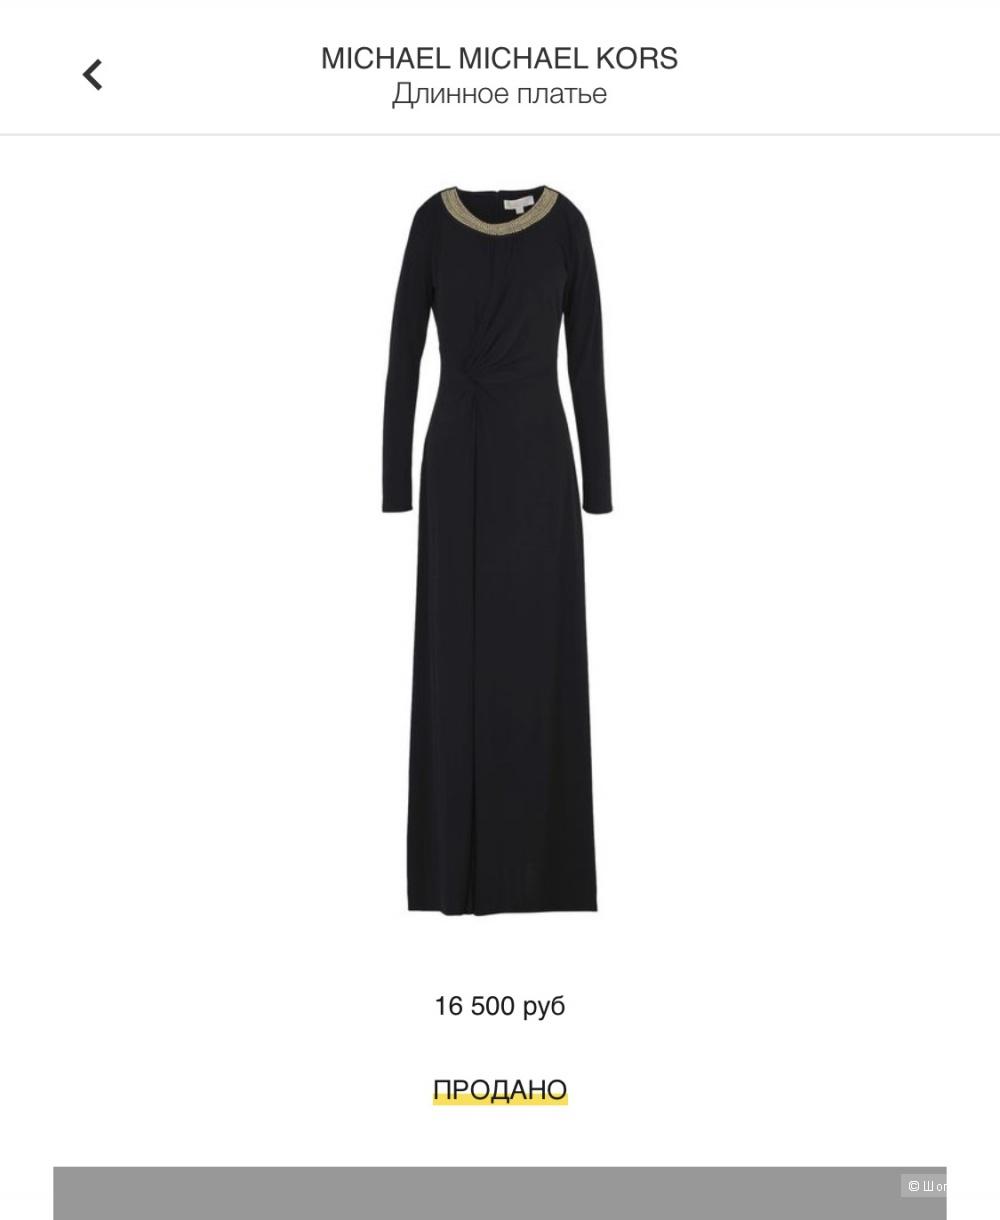 Платье вечернее MICHAEL MICHAEL KORS размер М